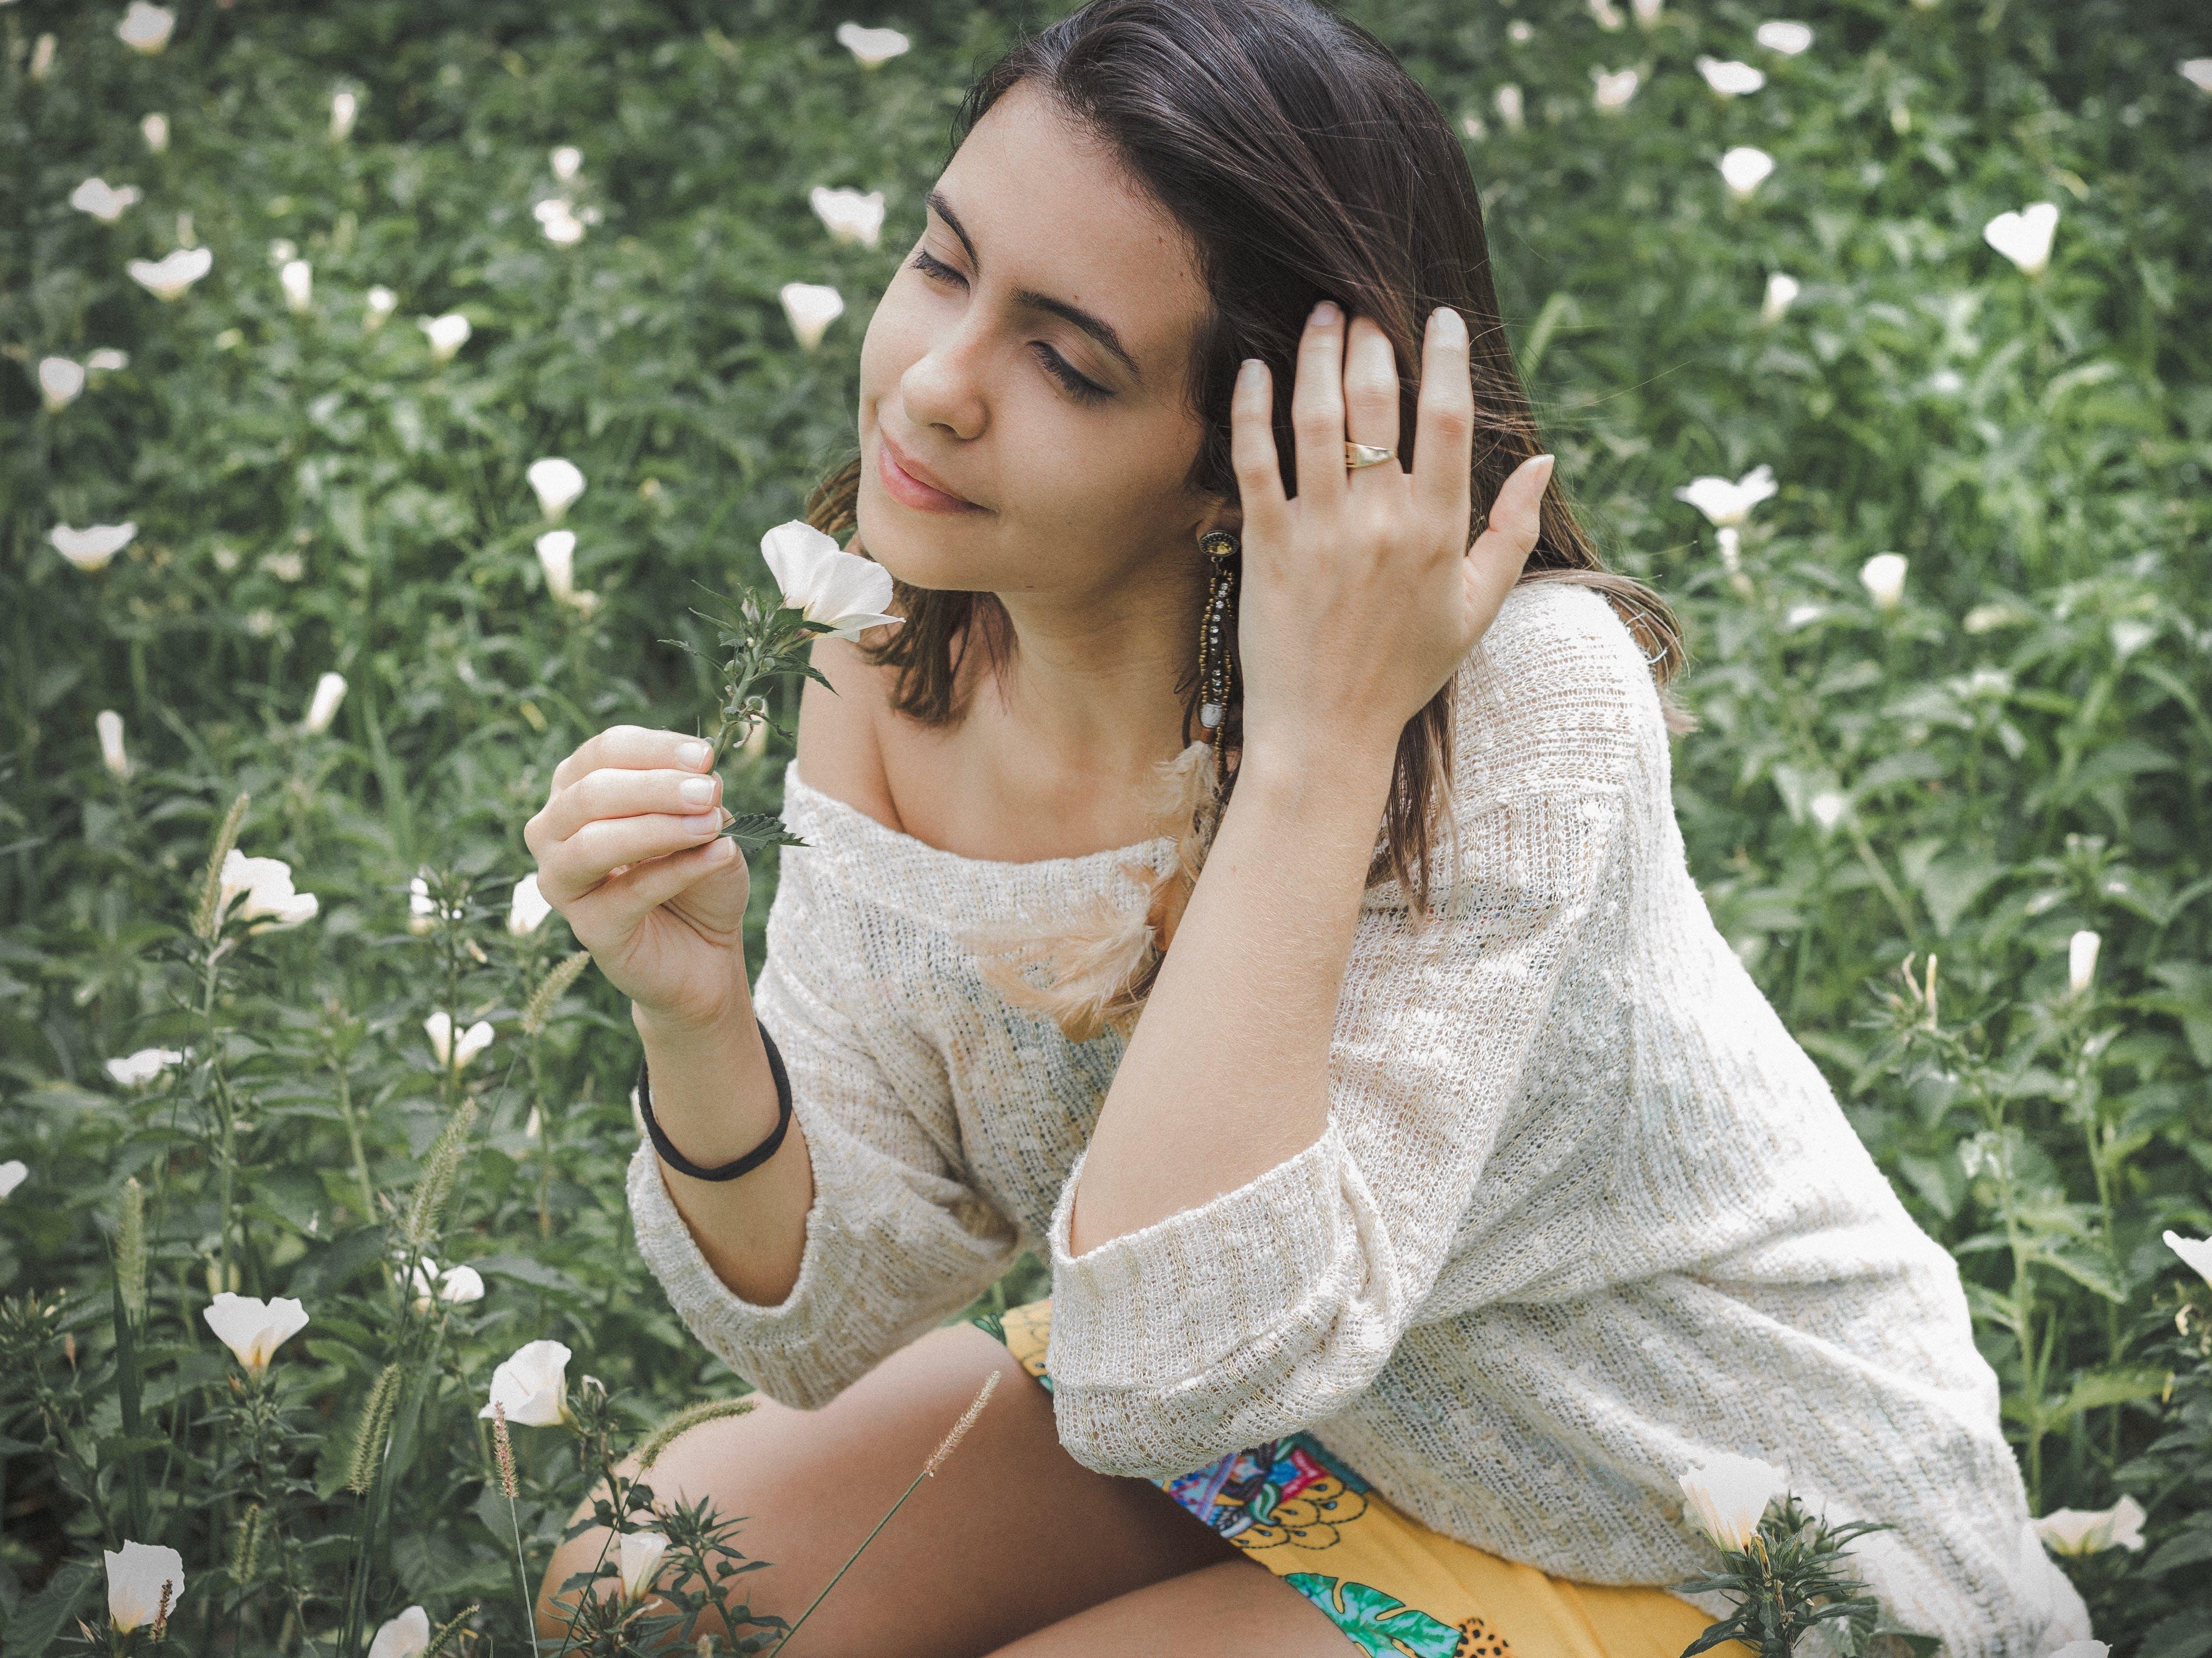 Gratis stockfoto met aantrekkelijk mooi, bloemen, iemand, mevrouw